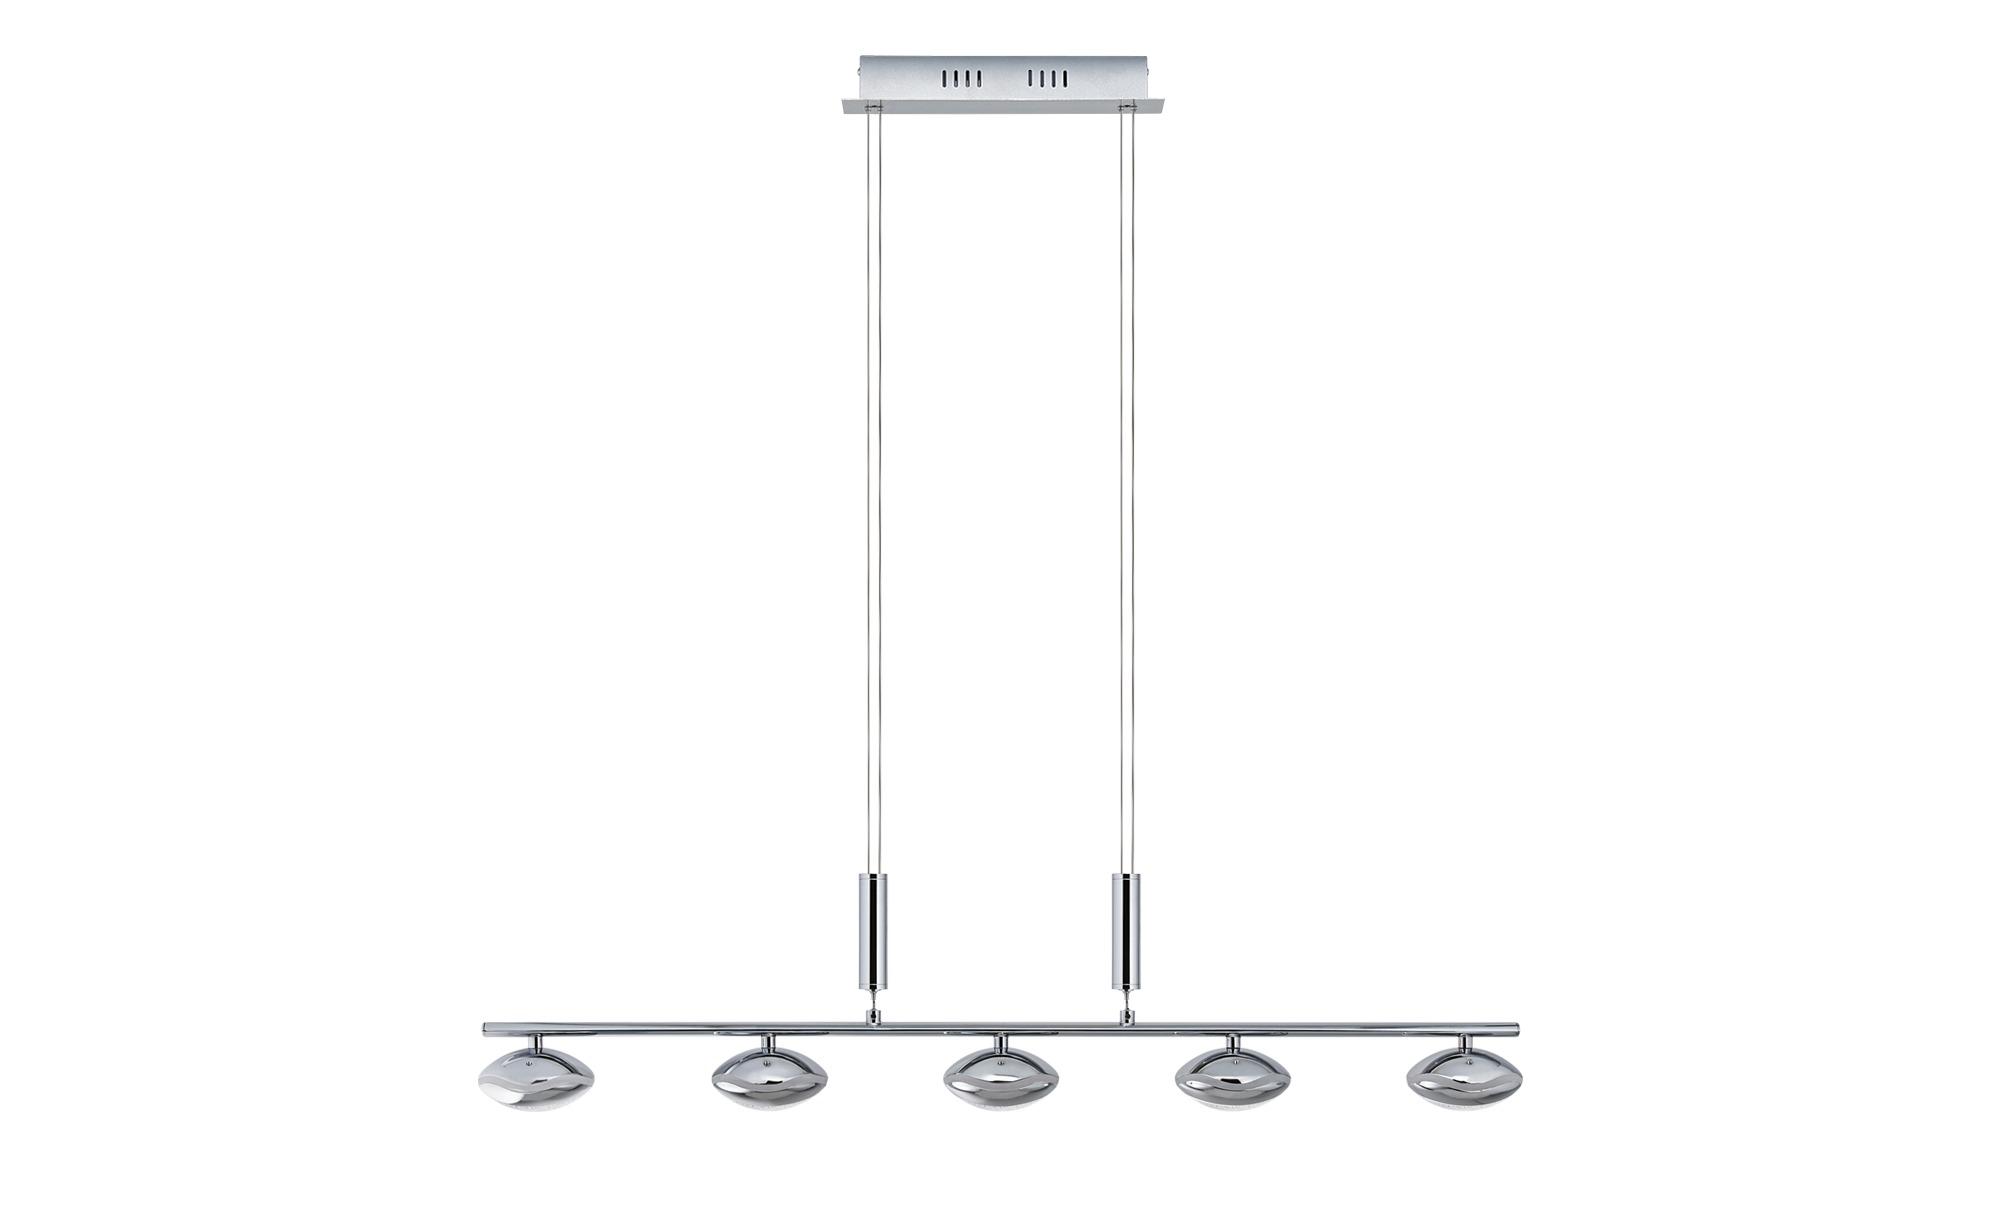 Paul Sommerkamp Leuchten LED-Pendelleuchte, 5-flammig ¦ silber ¦ Maße (cm): B: 10 H: 150 Lampen & Leuchten > LED-Leuchten > LED-Pendelleuchten - Höffner